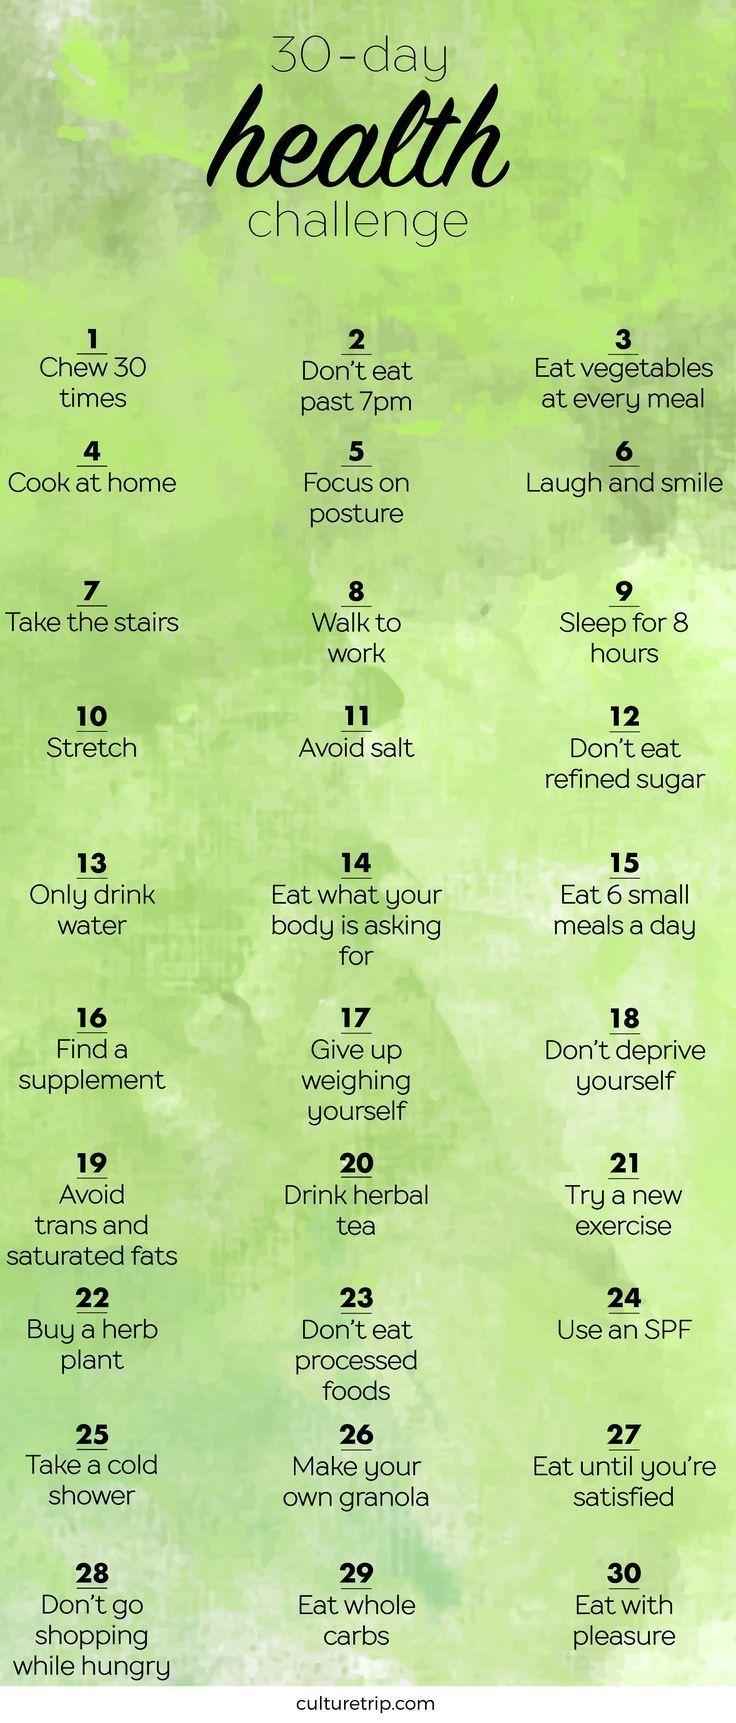 Die 30-Tage-Herausforderung für die Gesundheit